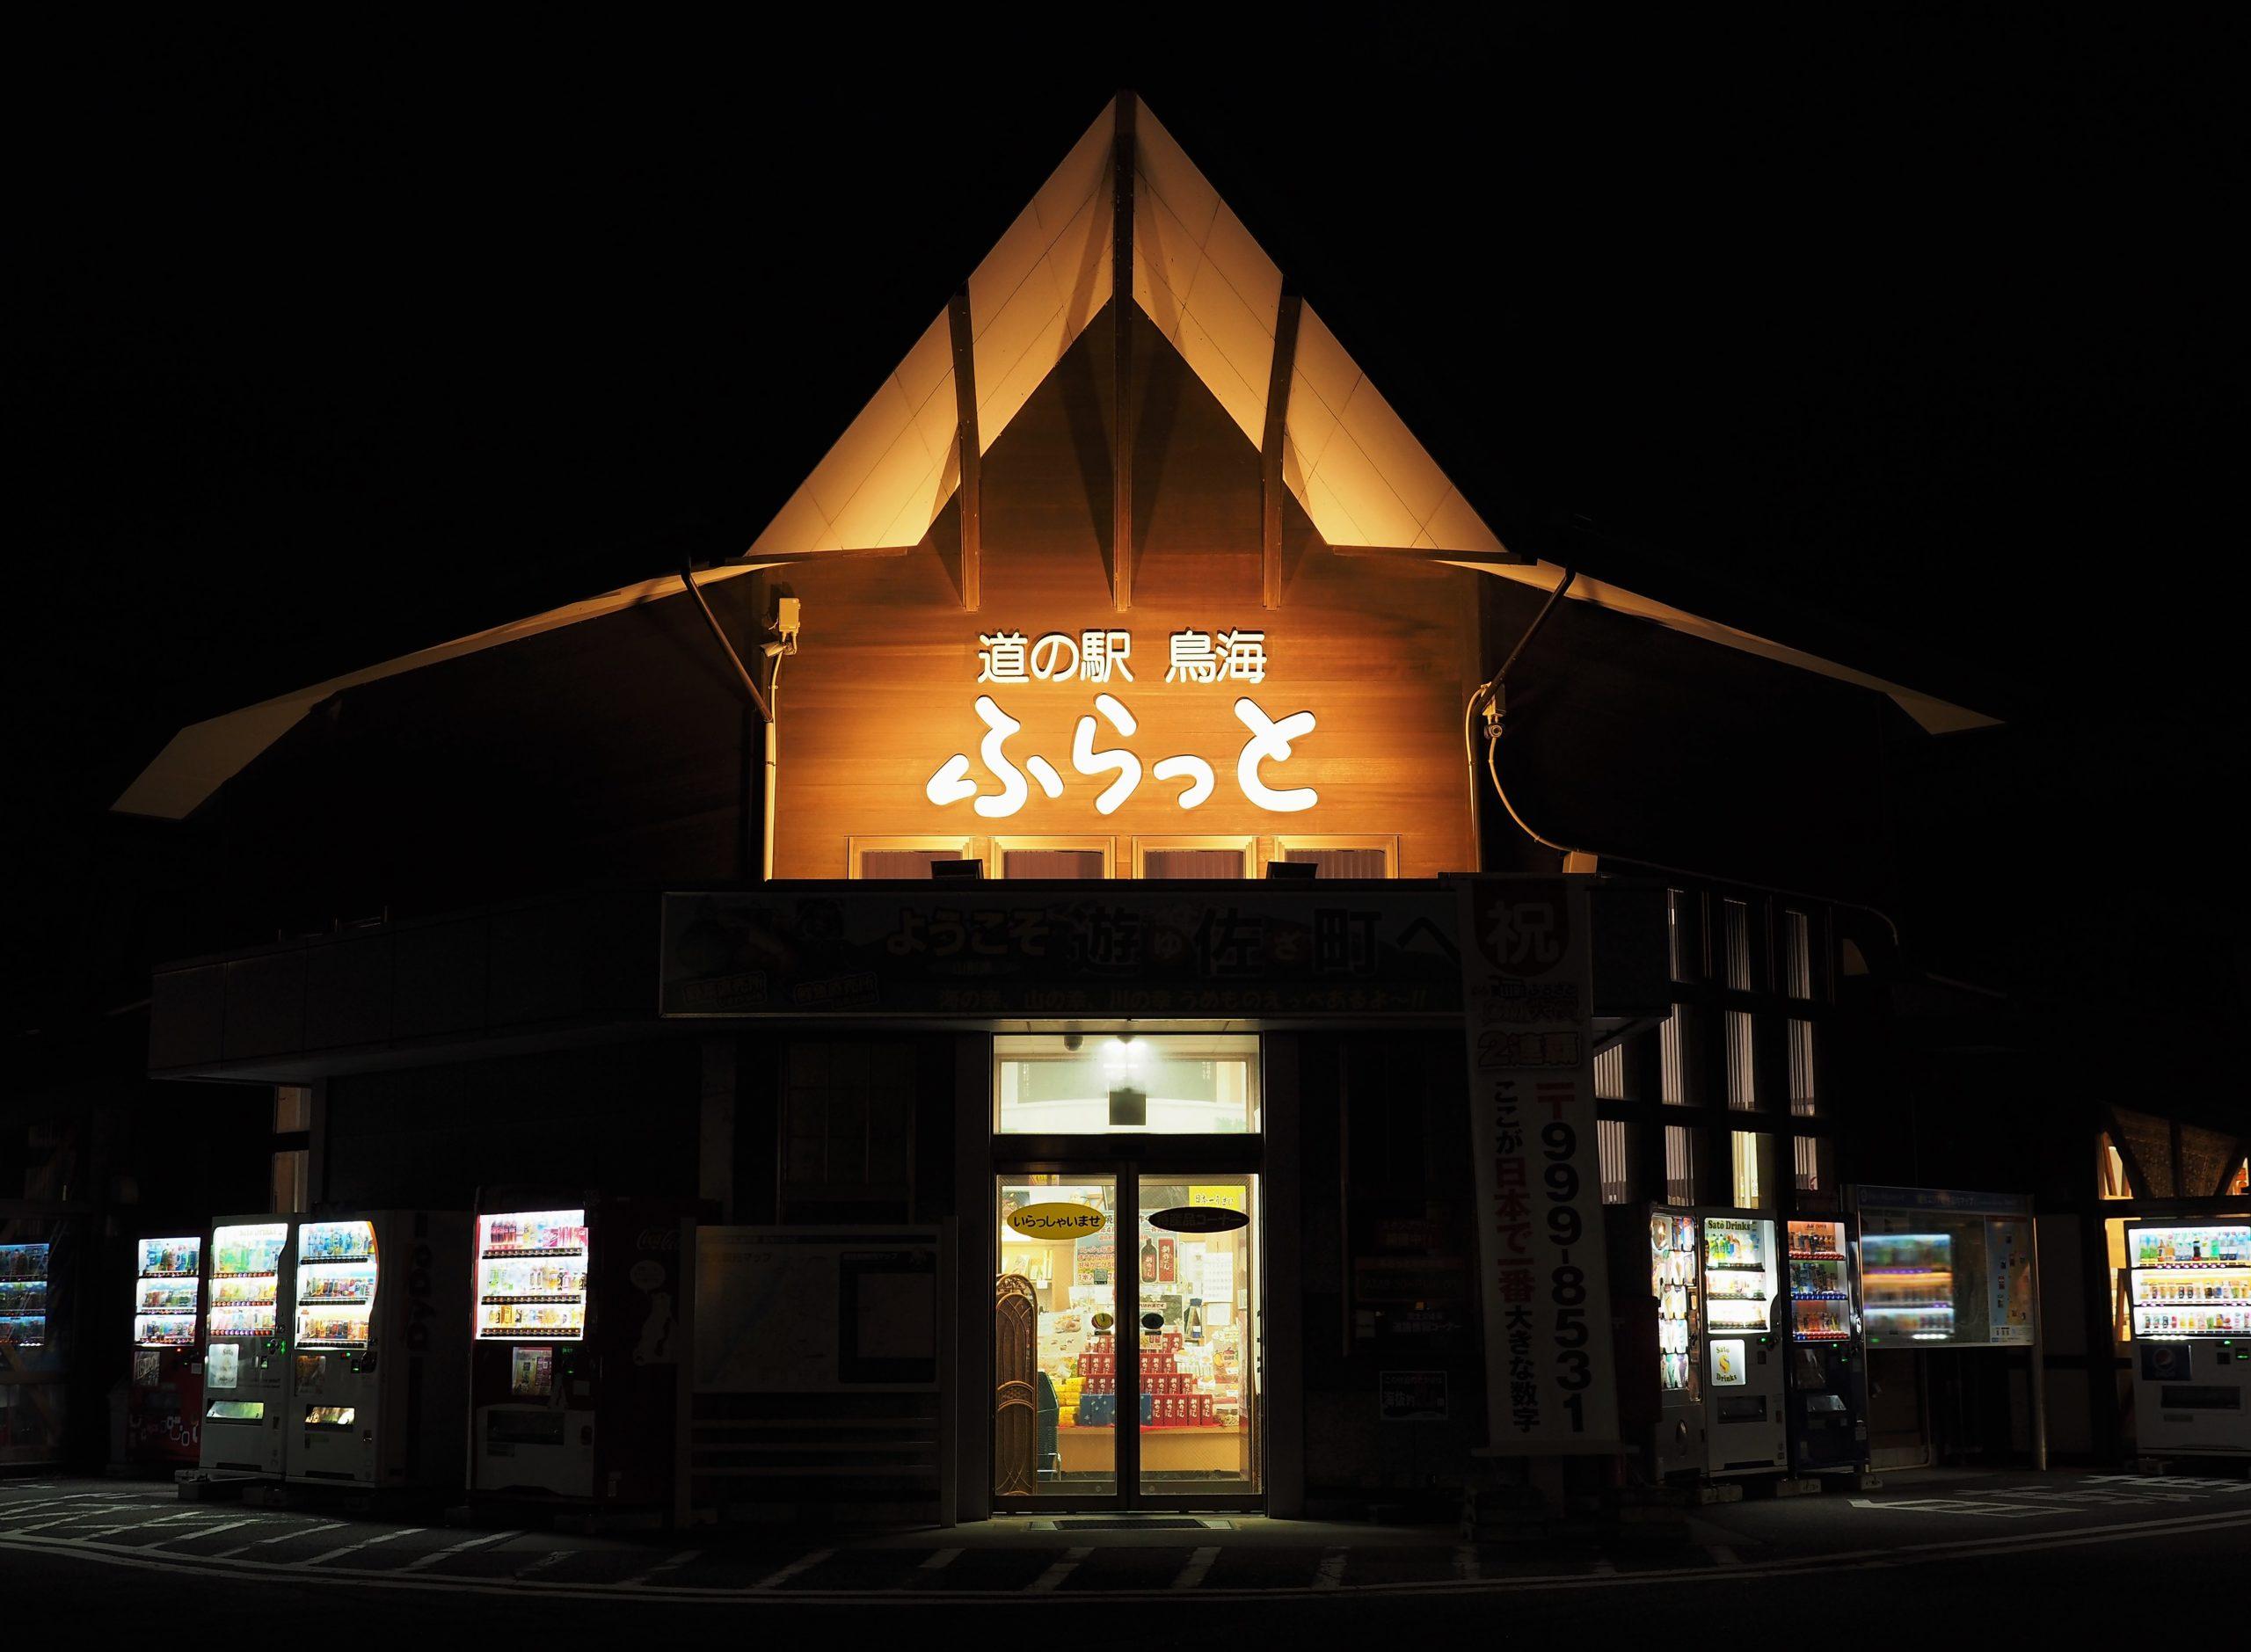 山形県 道の駅鳥海